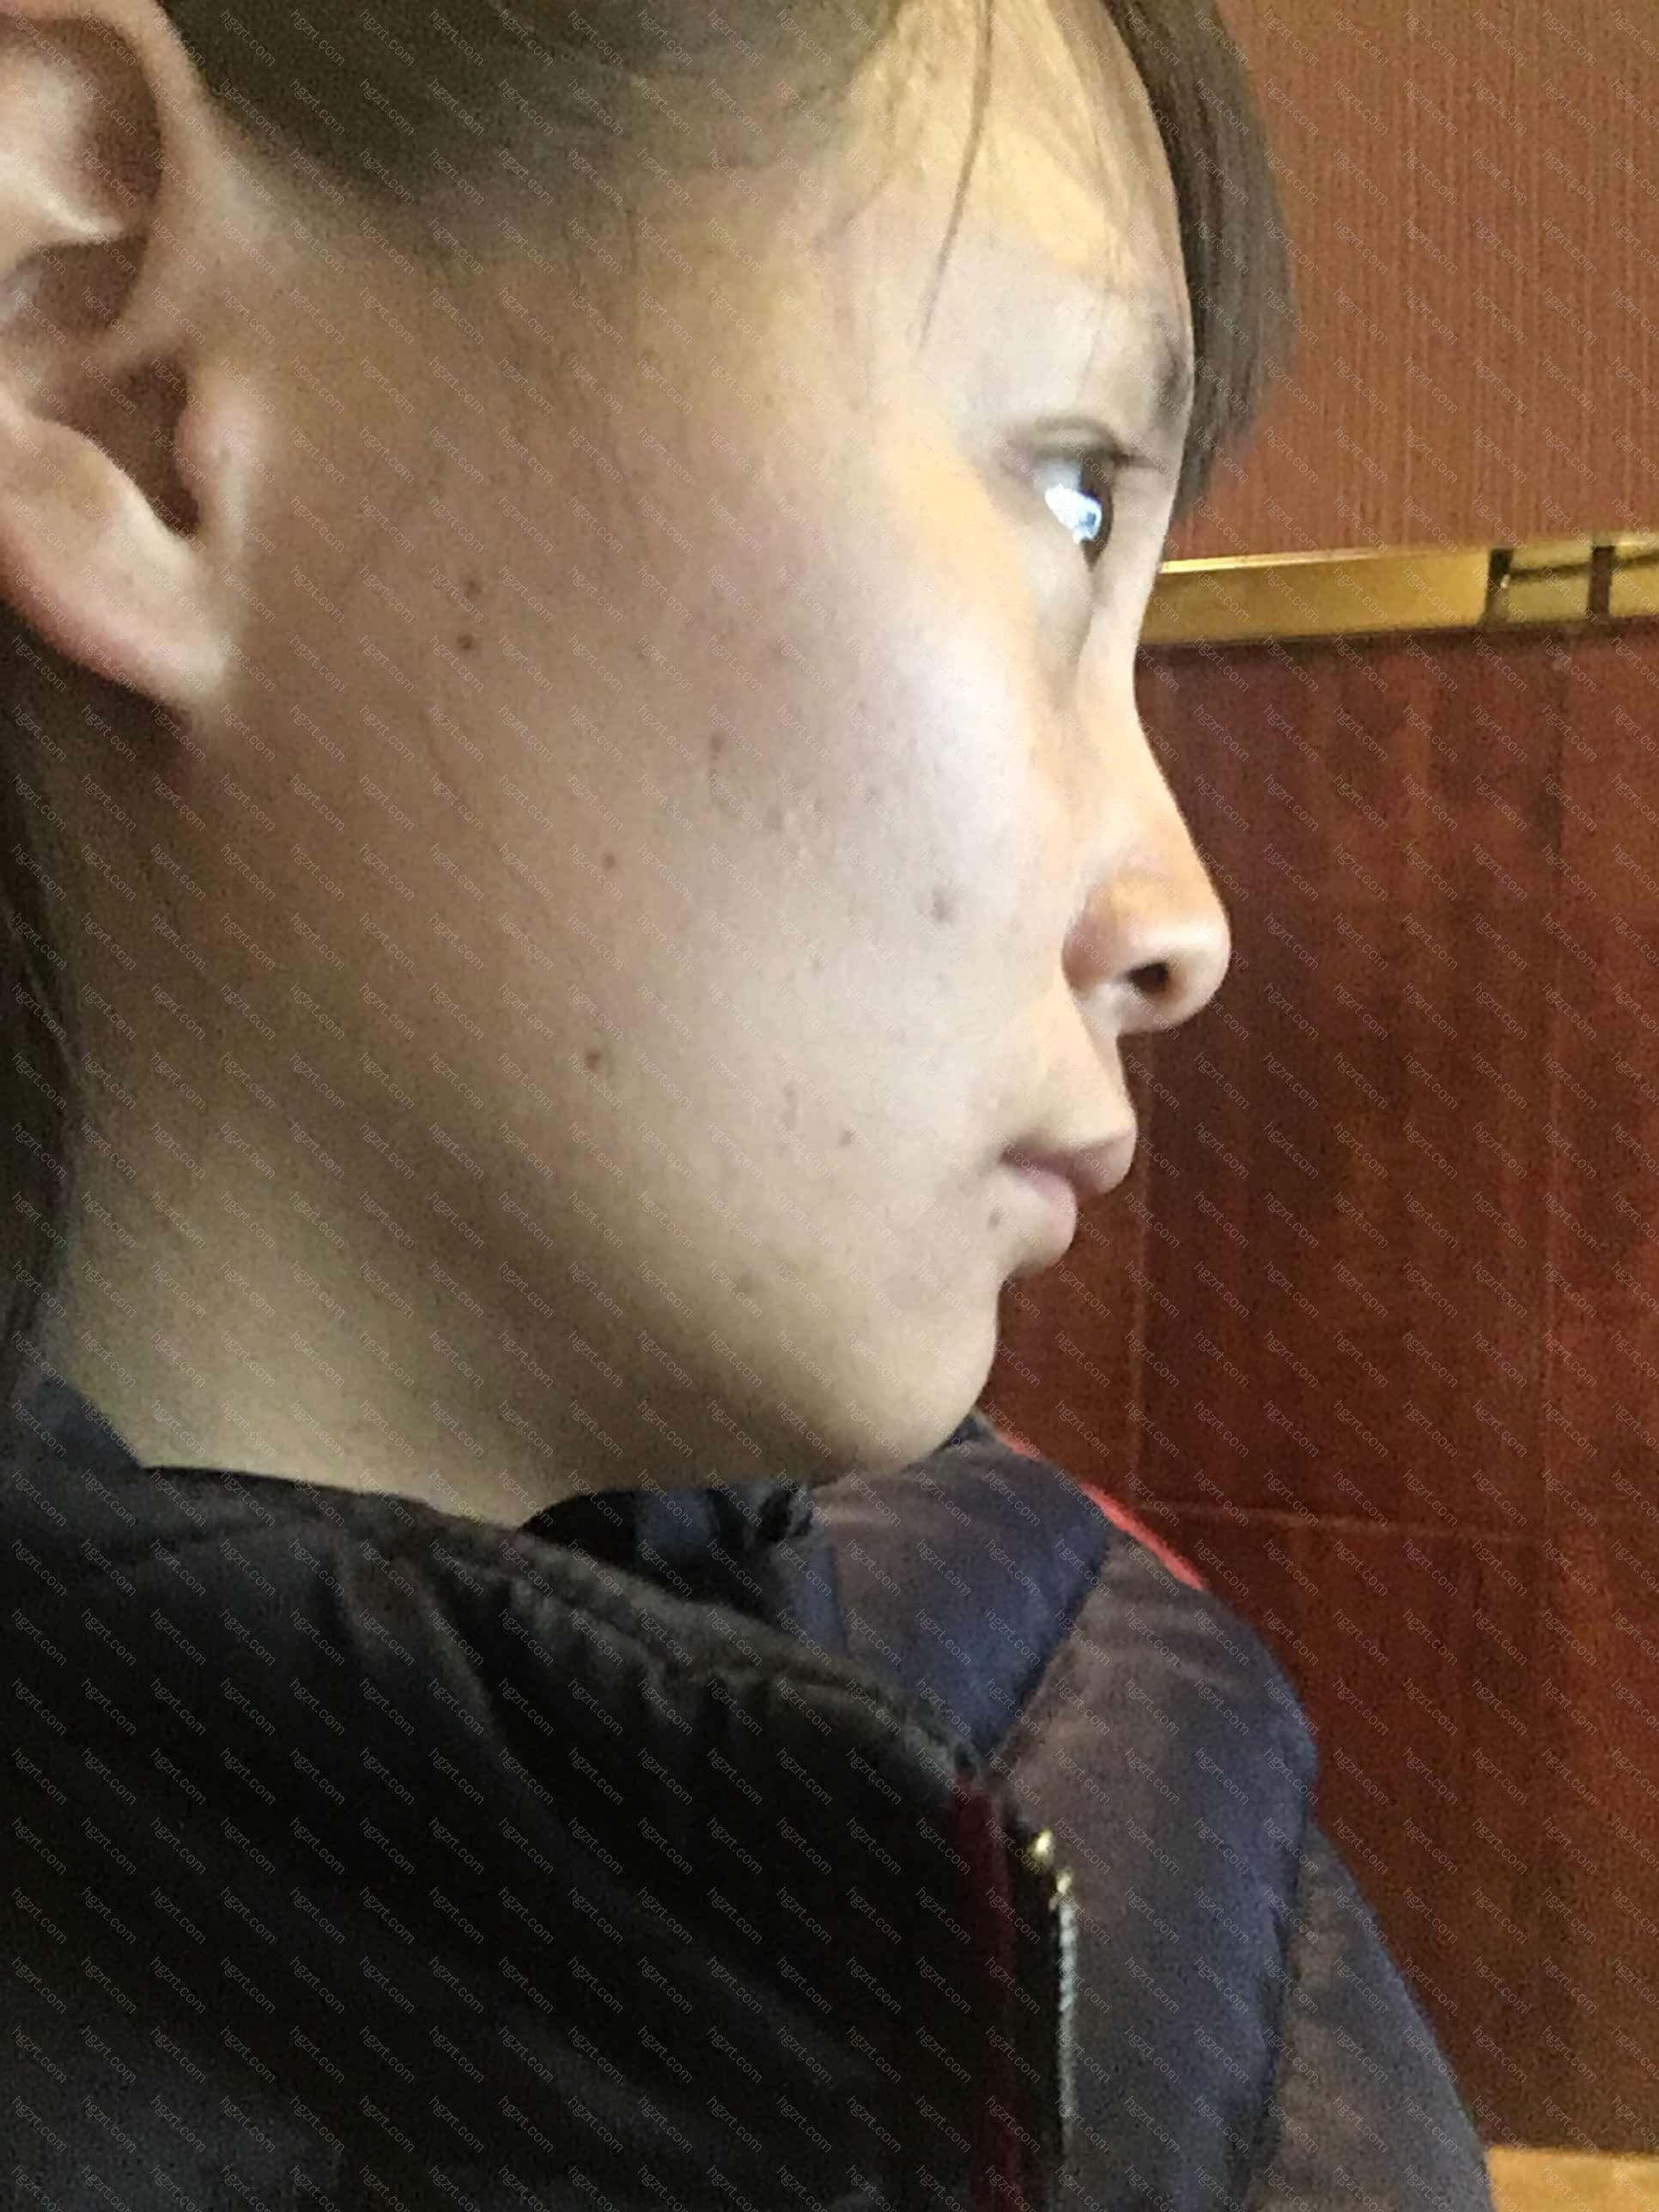 但由于韩国女性大都天生横突的颧骨往往使面部呈现菱形或方形面容